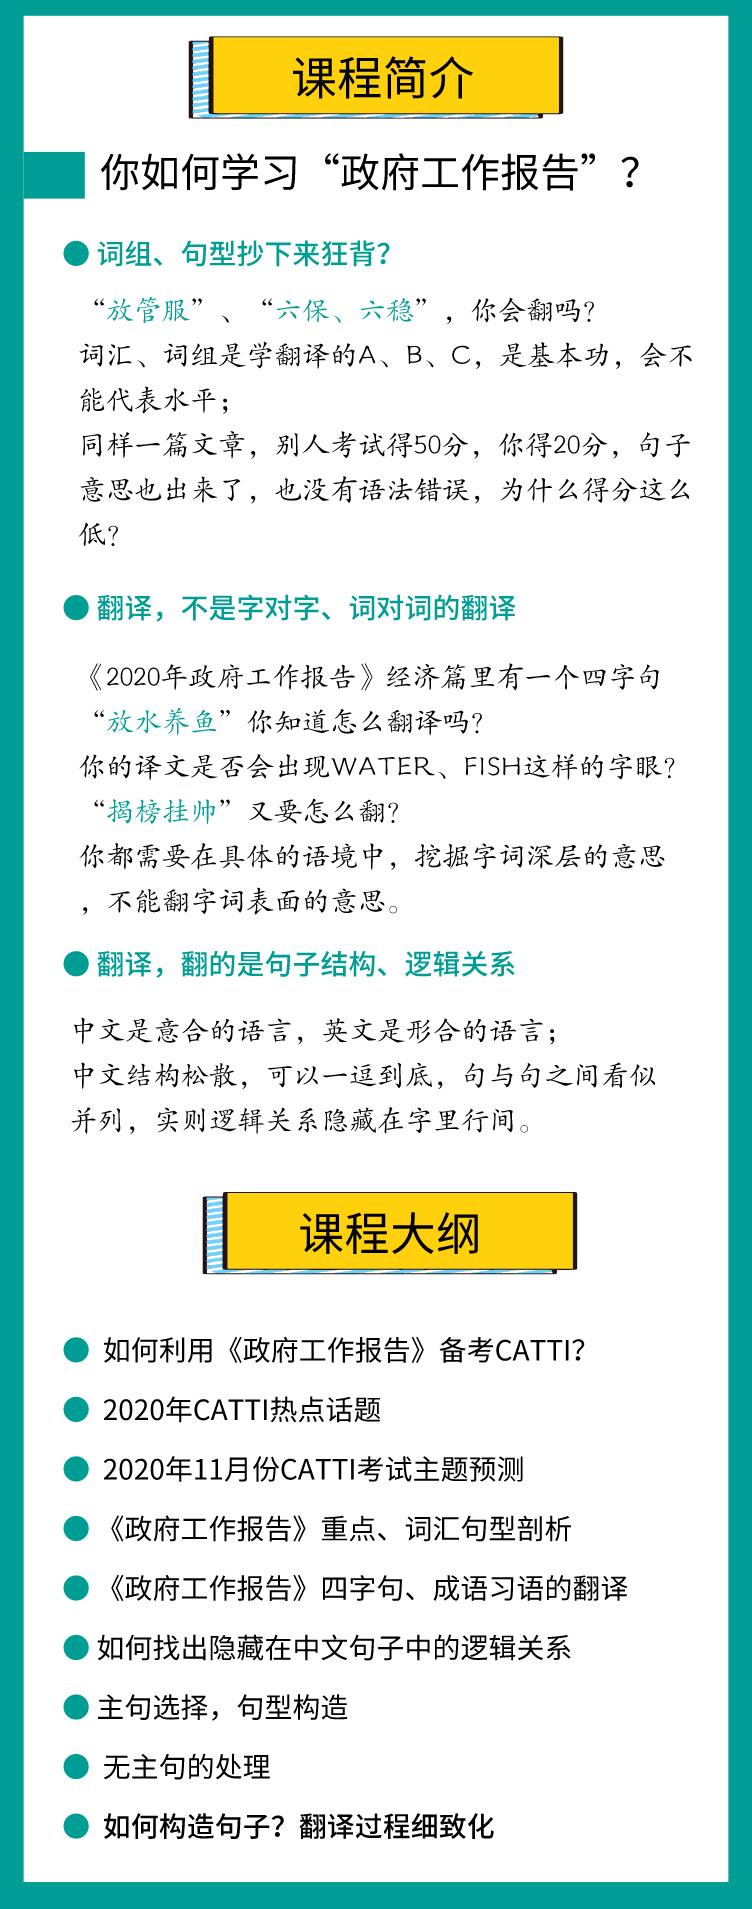 默认标题_自定义px_2020-10-30-0 (1).png